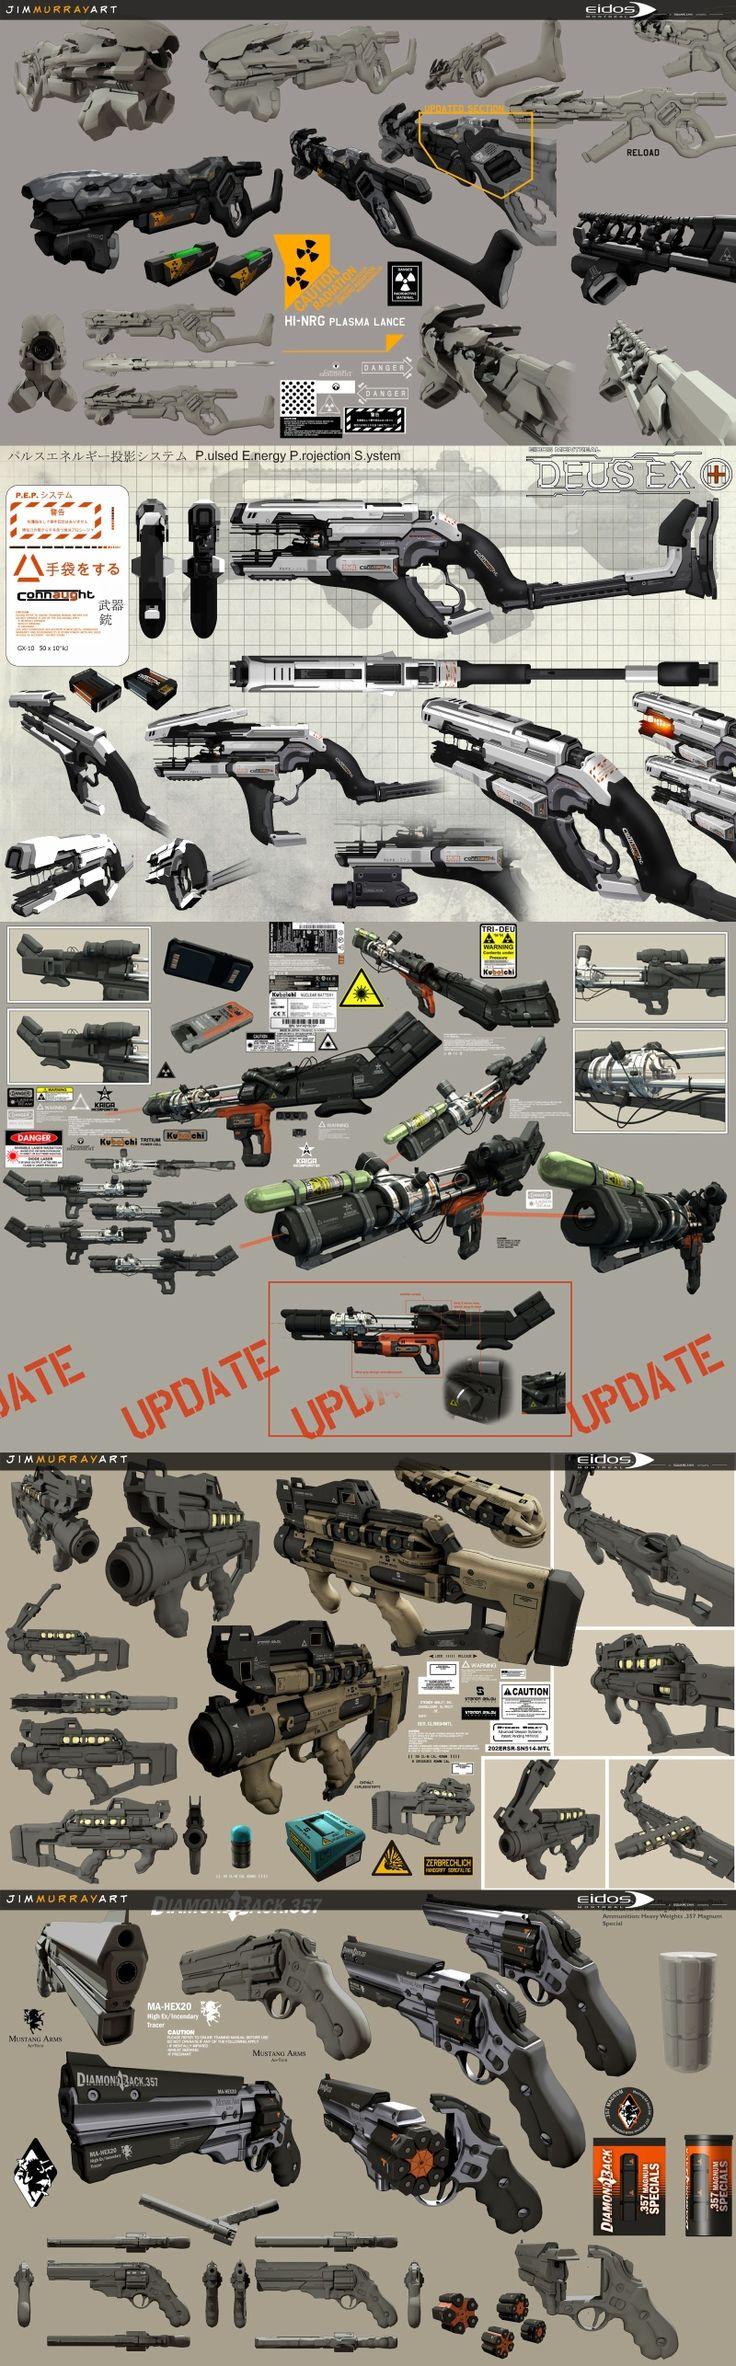 Deus Ex: Human Revolution - artbook